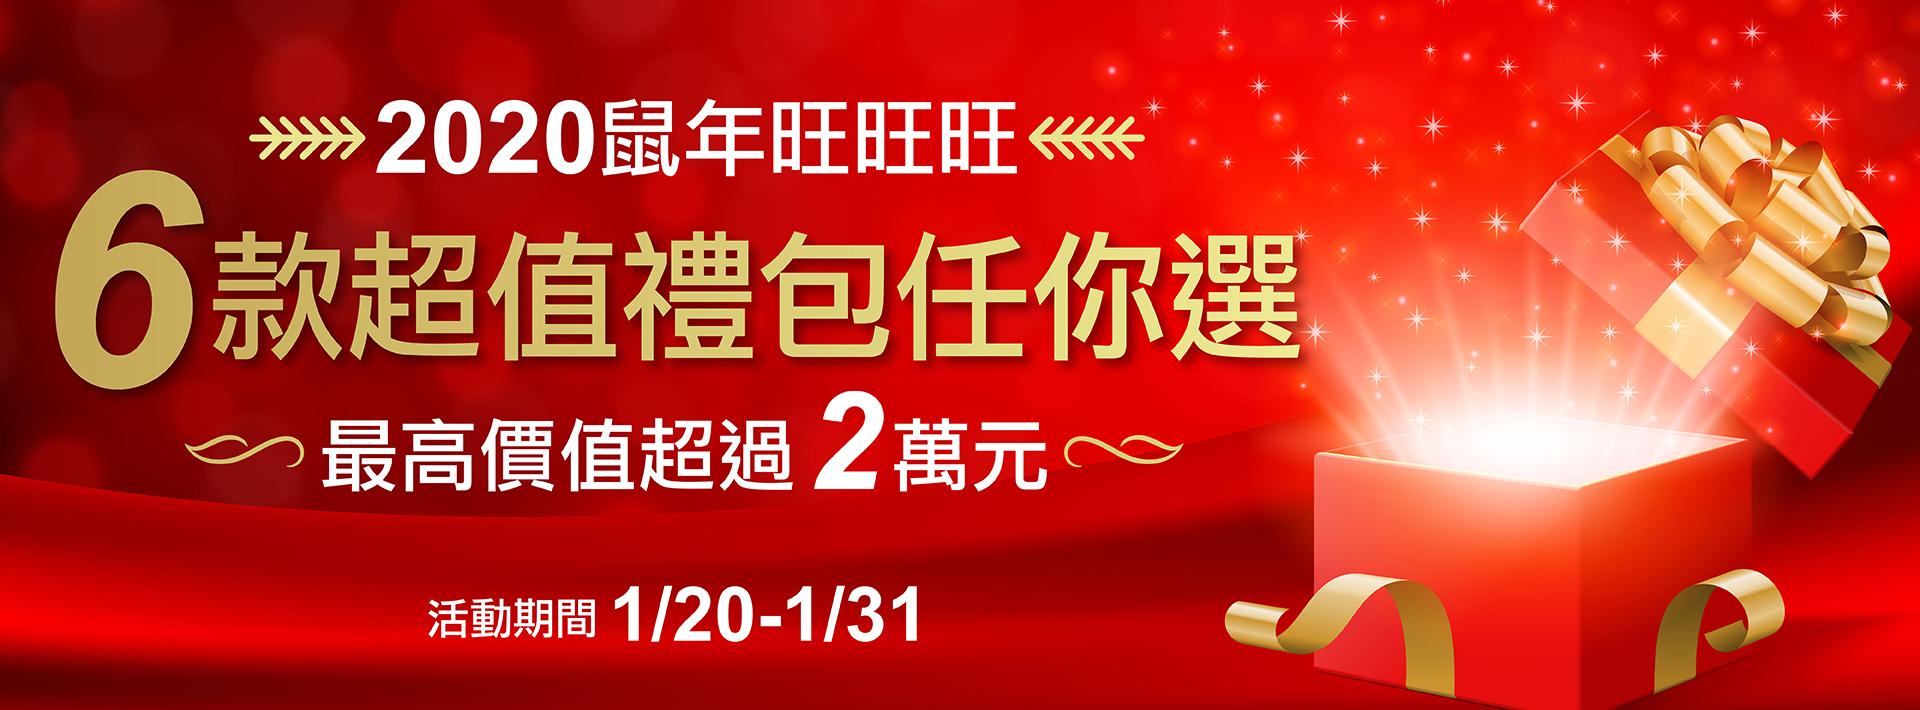 2020,新春禮包,禮包,藍牙耳機,小耳機,音樂耳機,ALTEAM,台灣耳機品牌